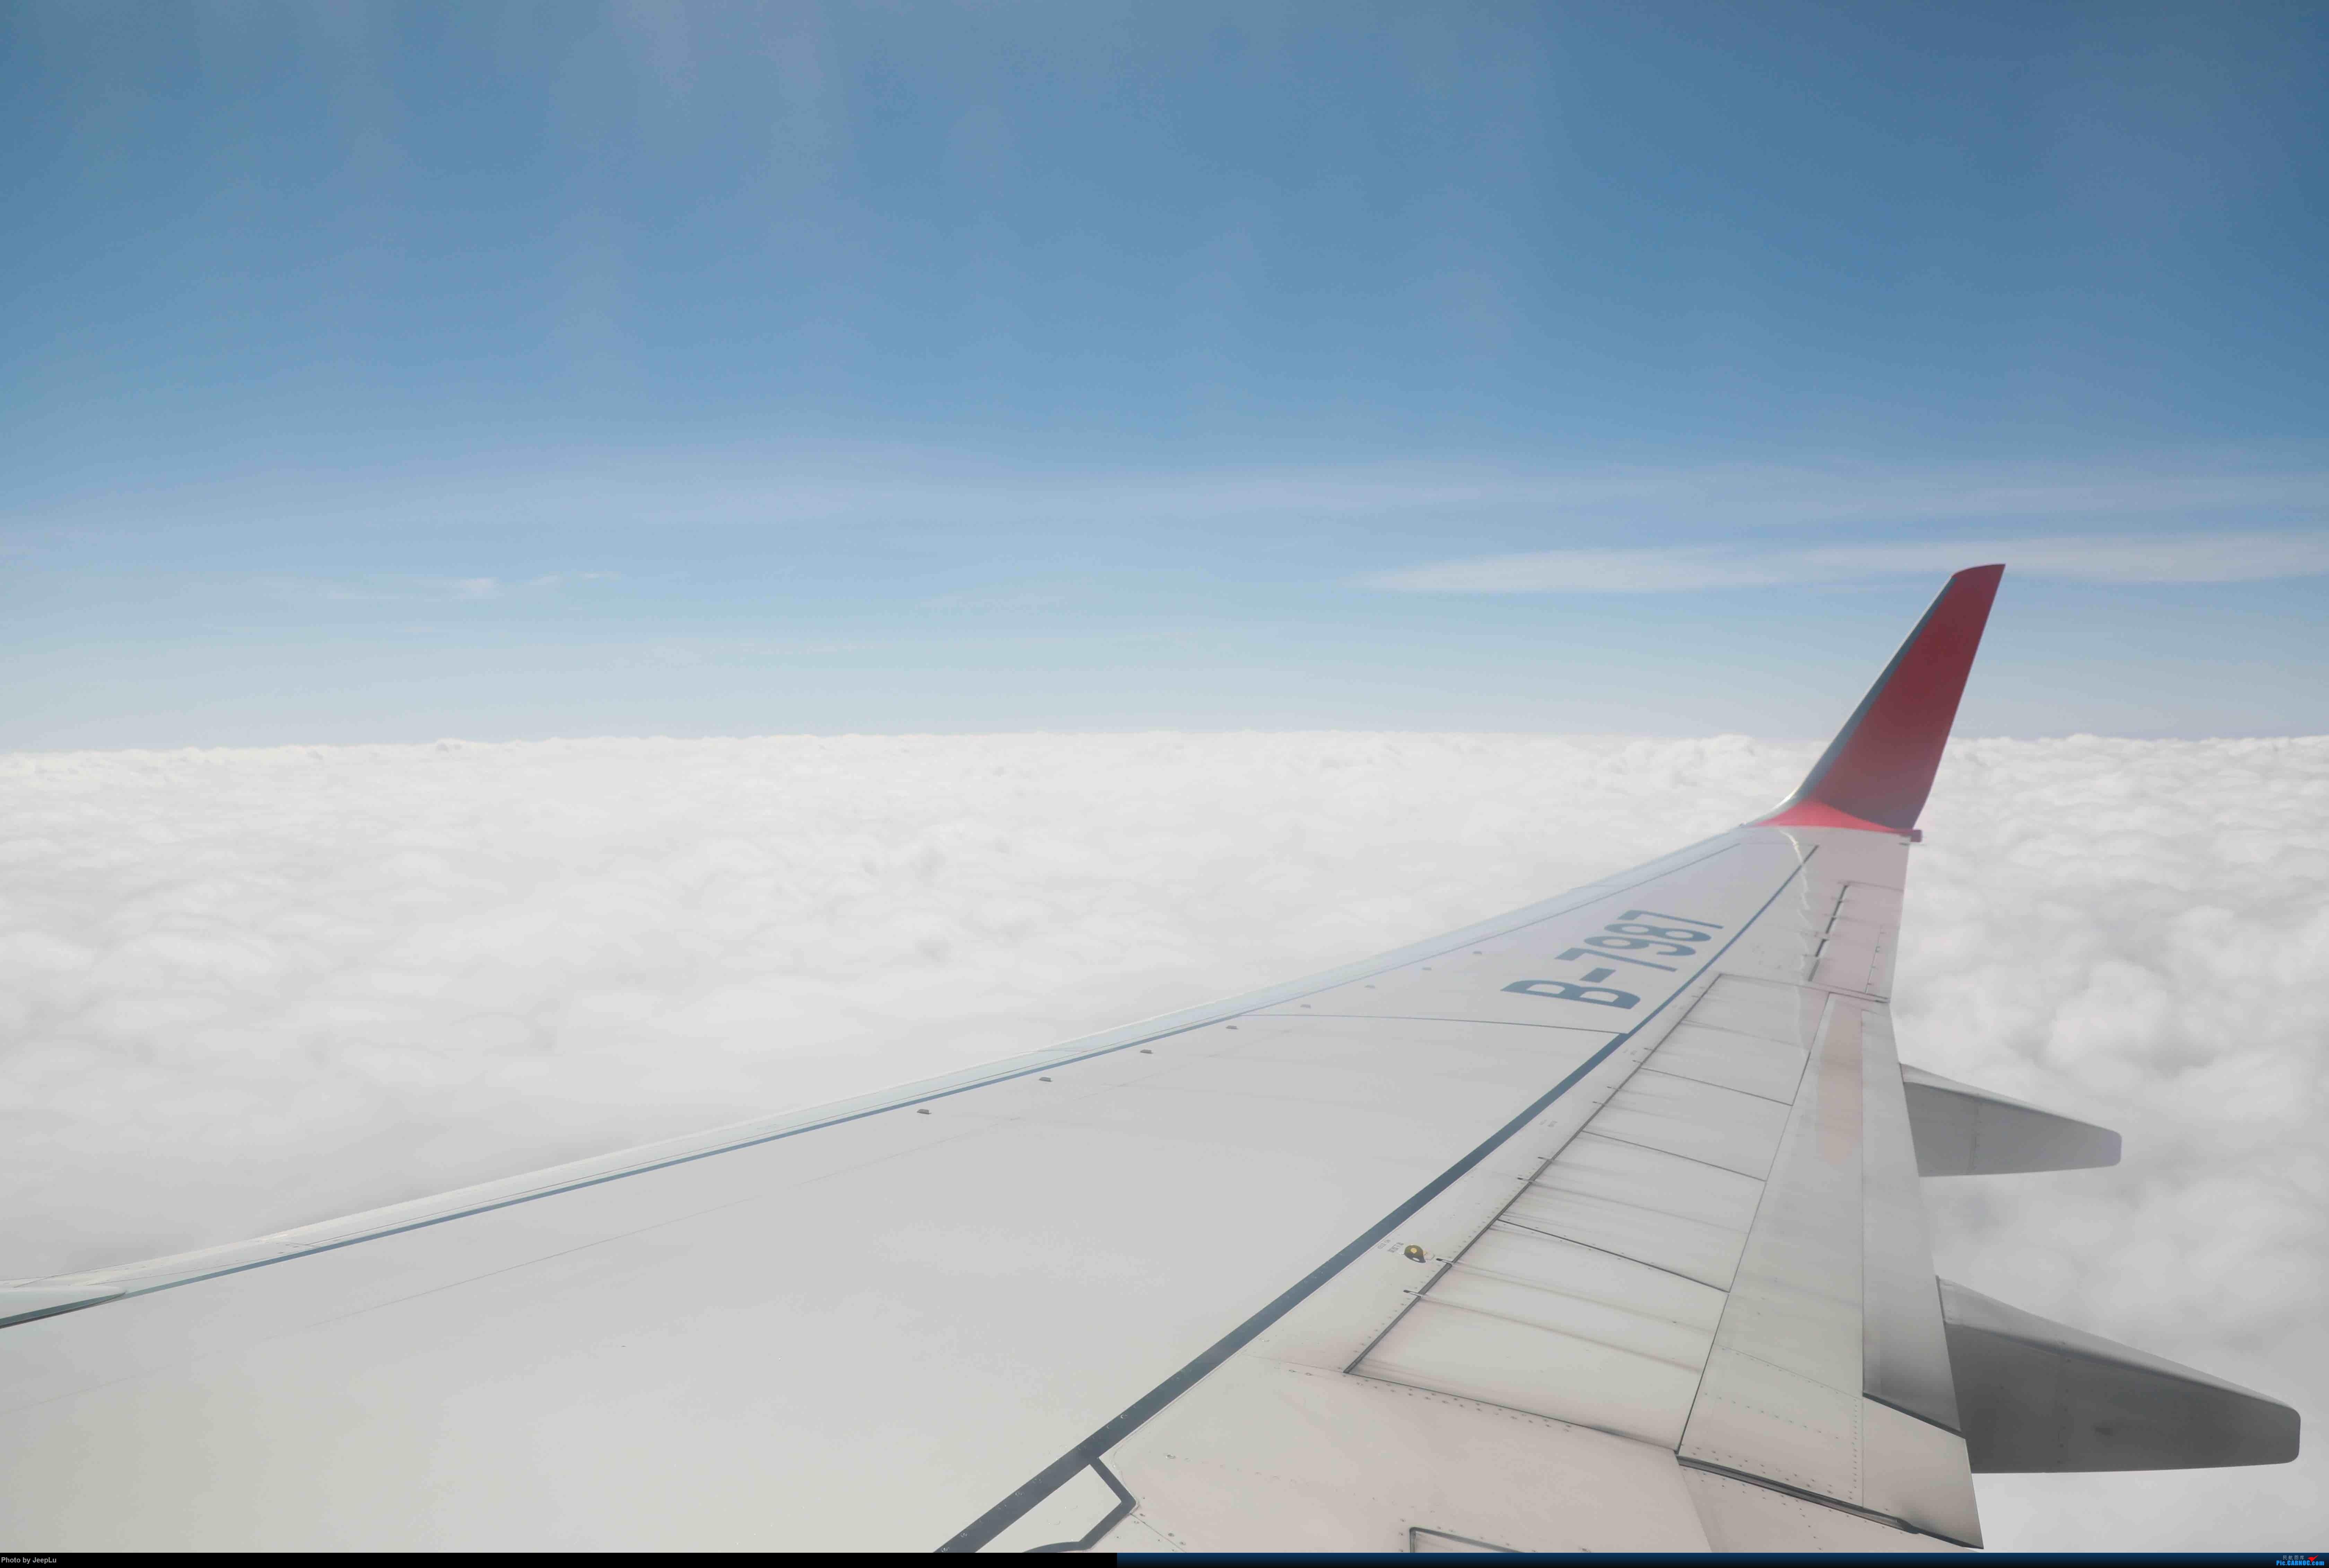 [原创]佛山-东营-南苑,最后的南苑&PEK-CAN 擦航77W商务舱体验 737-800